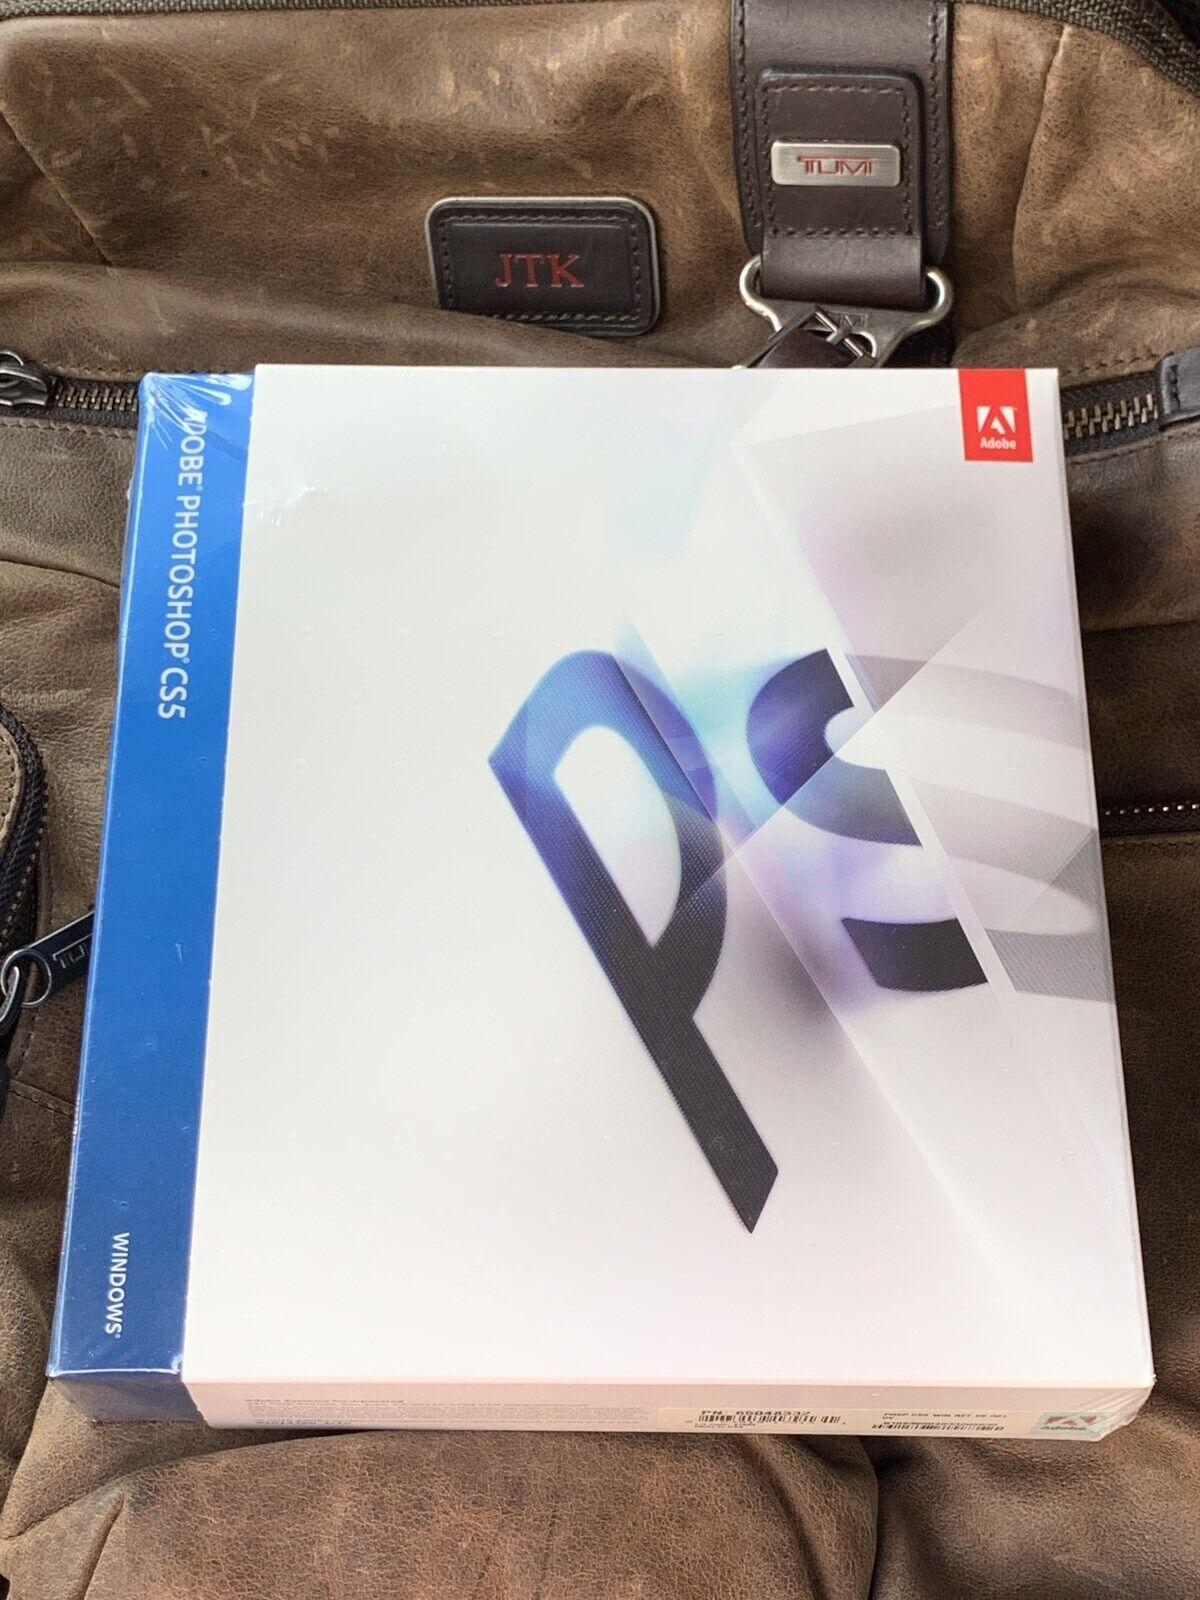 Adobe Cs6 Design Standard 6 For Windows Full Version Full Version For Windows 65163194 For Sale Online Ebay